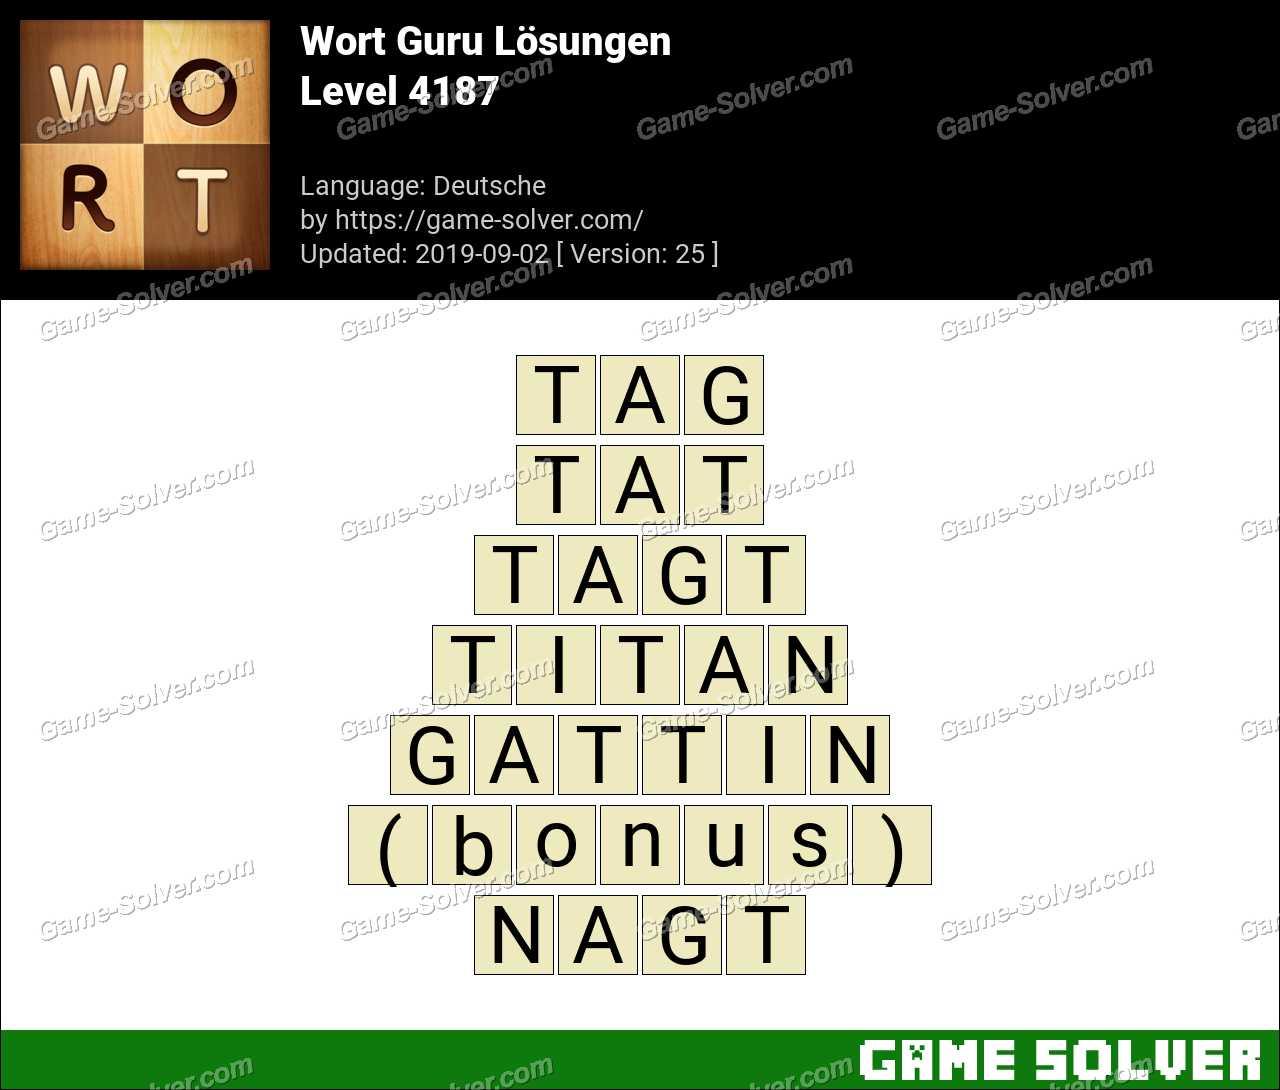 Wort Guru Level 4187 Lösungen